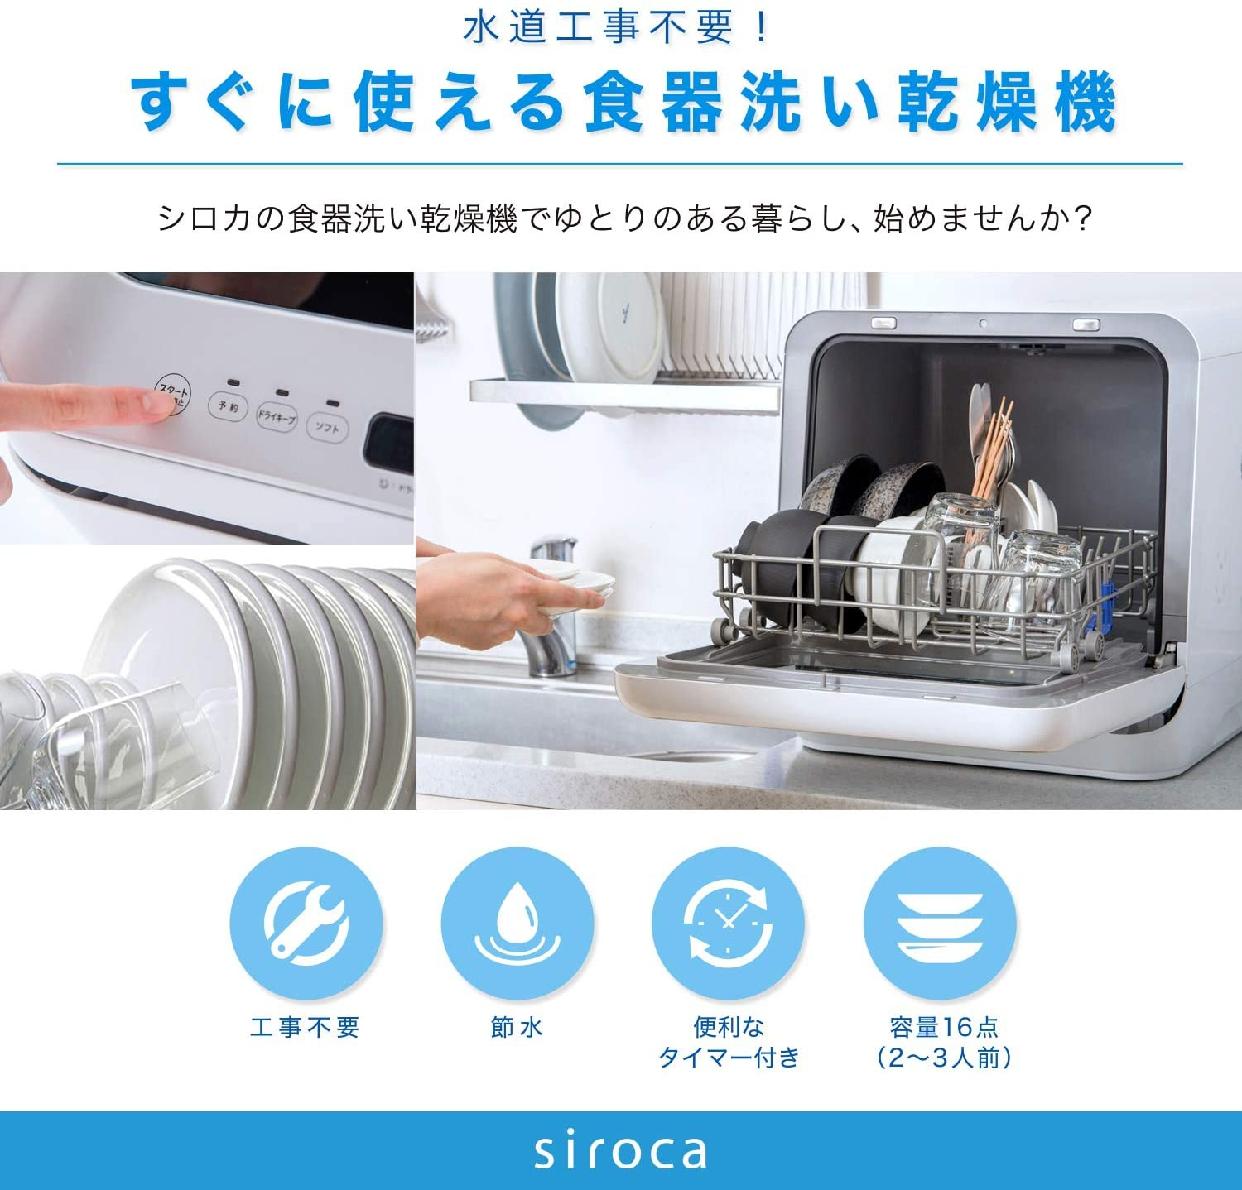 siroca(シロカ) 食器洗い乾燥機 PDW-5D ゴールドの商品画像2